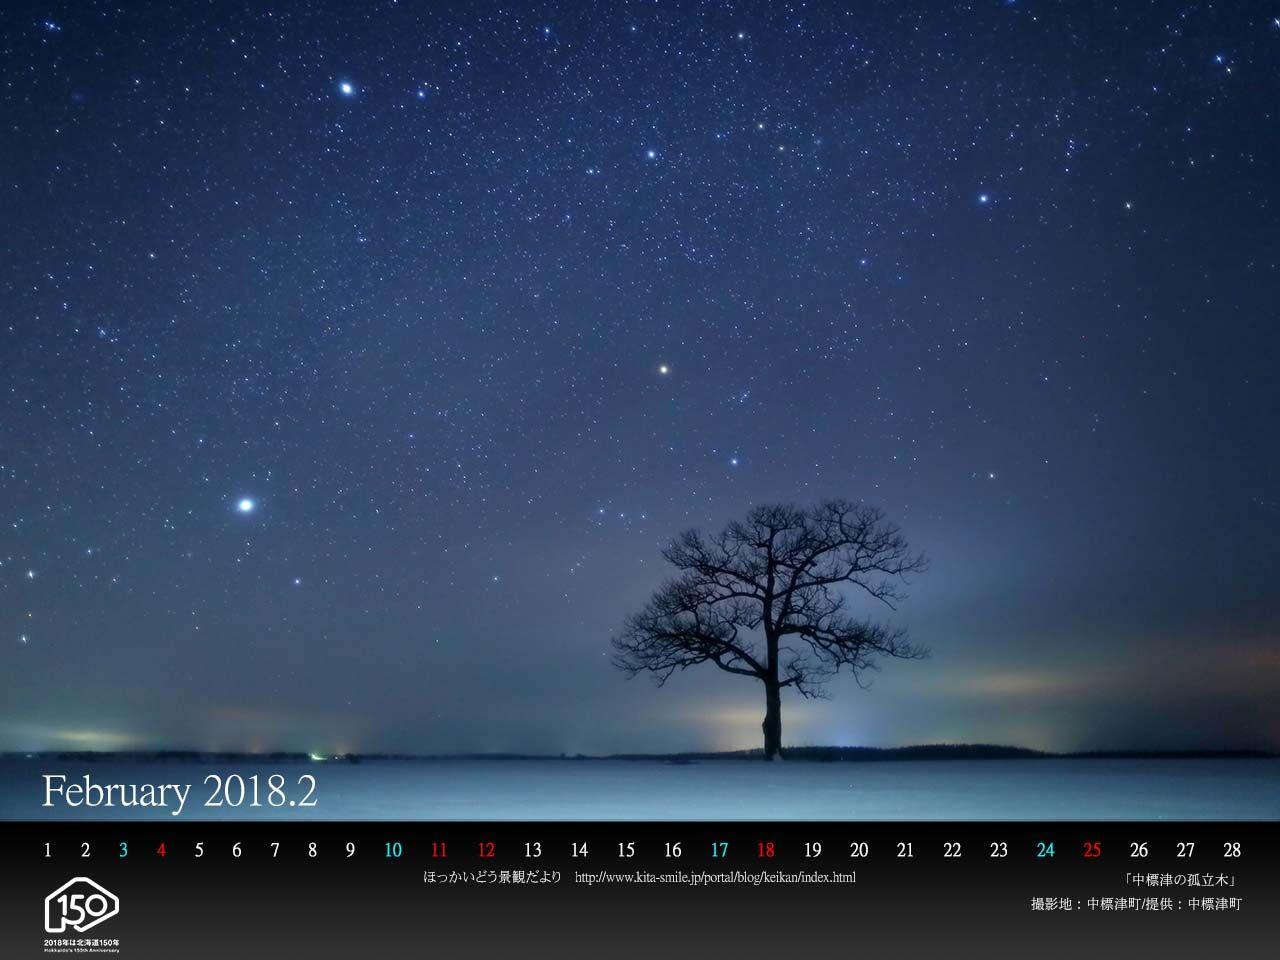 2月は中標津町 中標津の孤立木 です pc壁紙カレンダーを配布